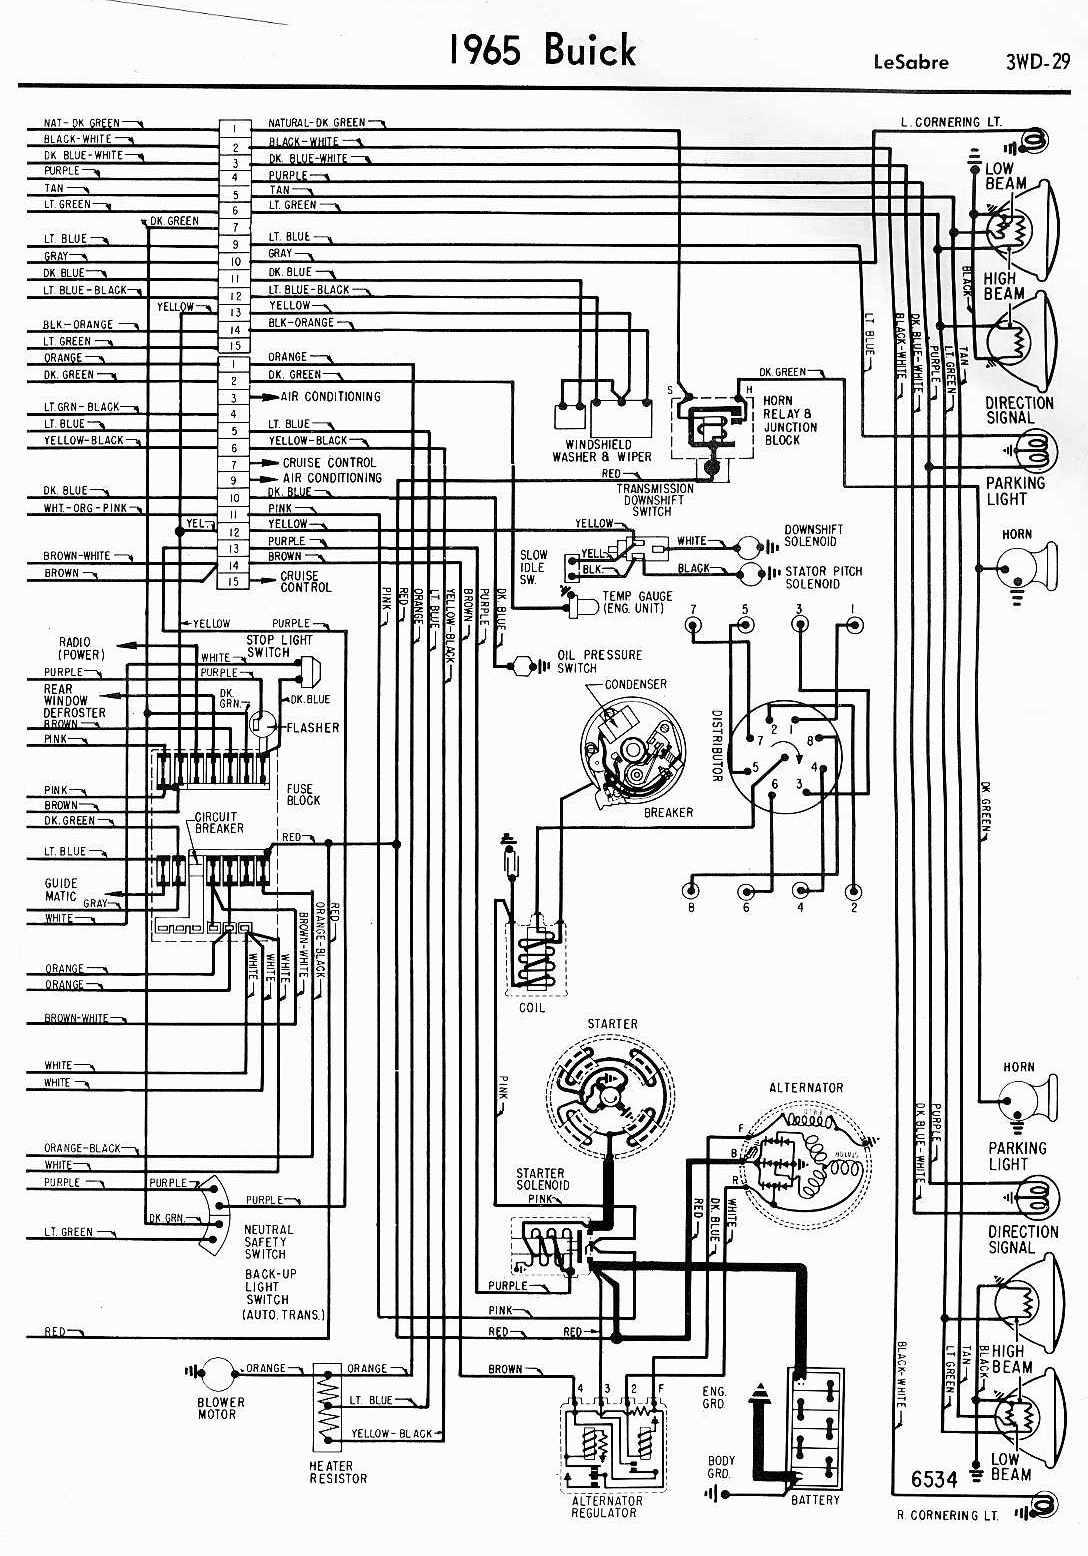 Diagram Relay Wiring 36h72 - Wiring Diagram Database